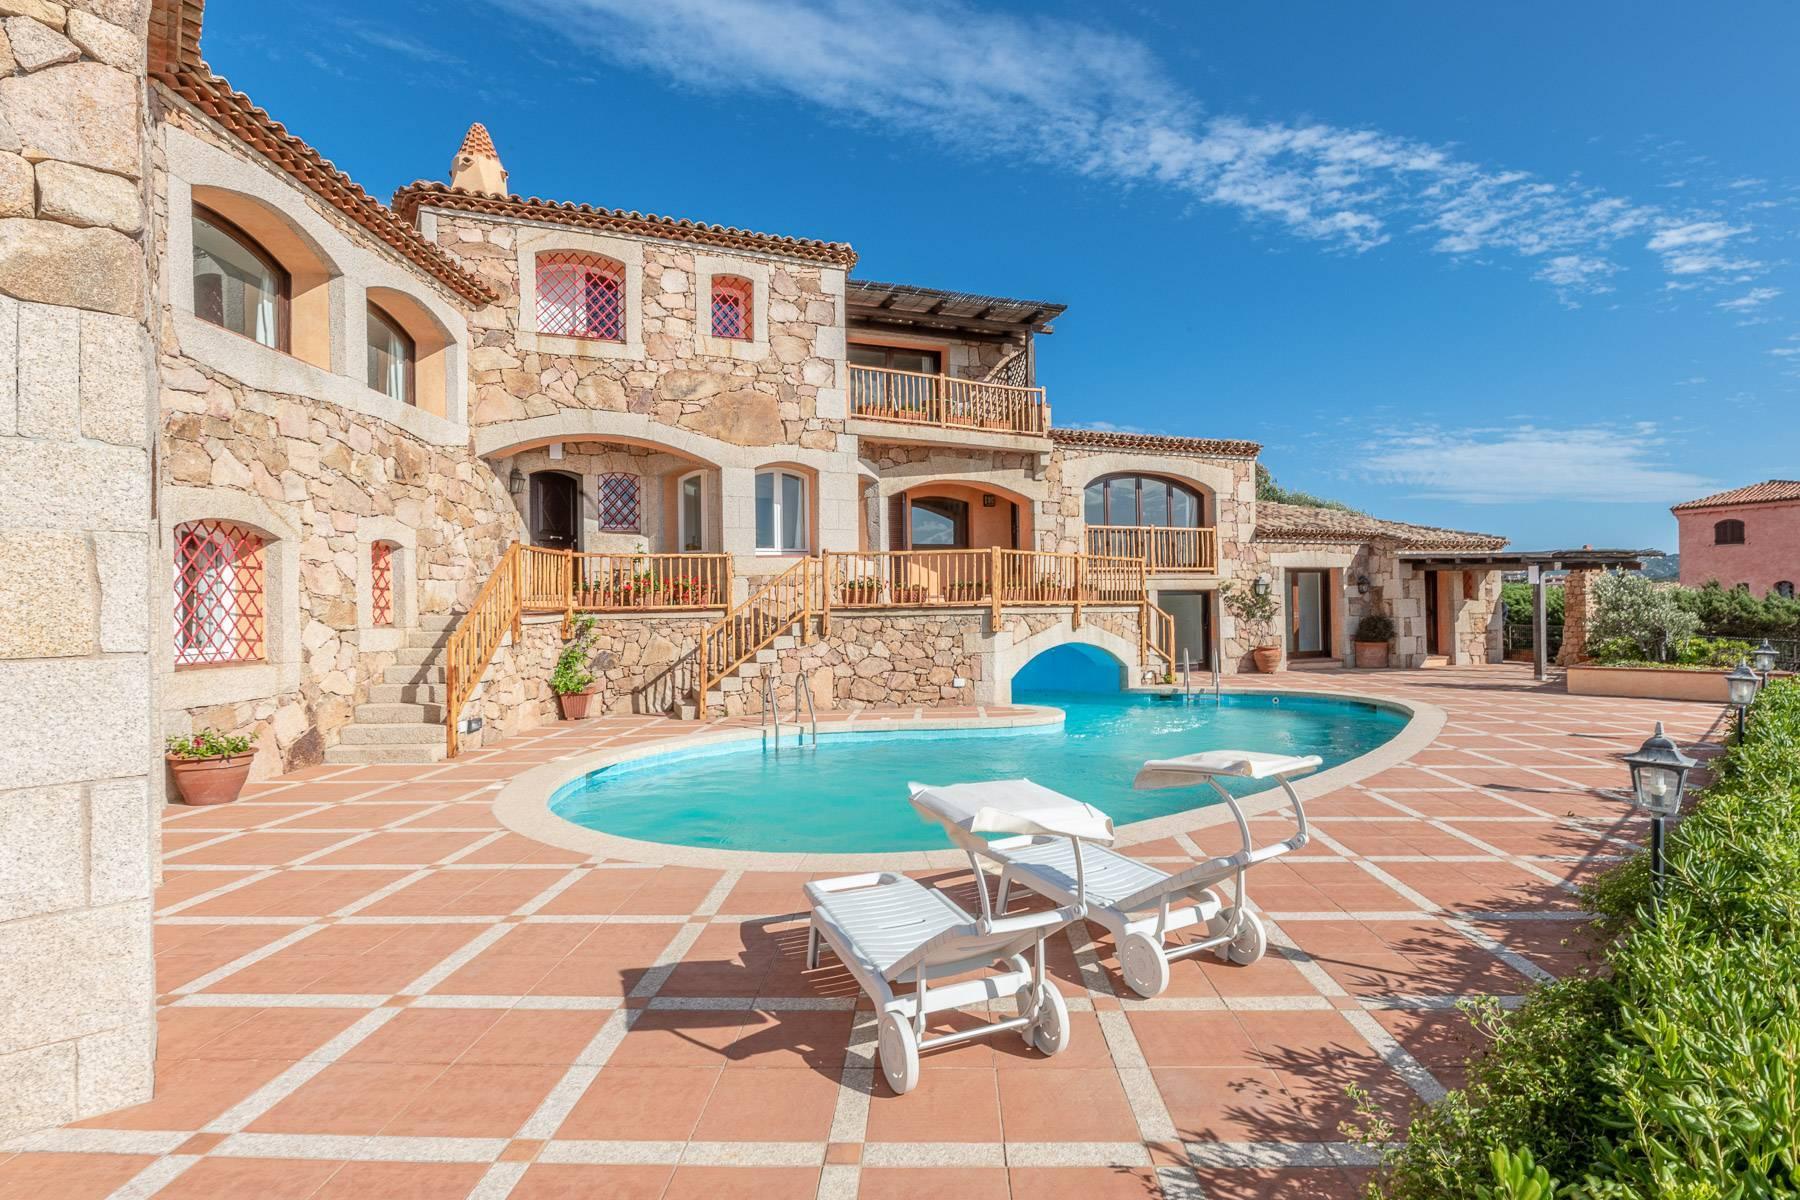 Importante villa indipendente con un impareggiabile panorama, nel cuore di Porto Cervo. - 3